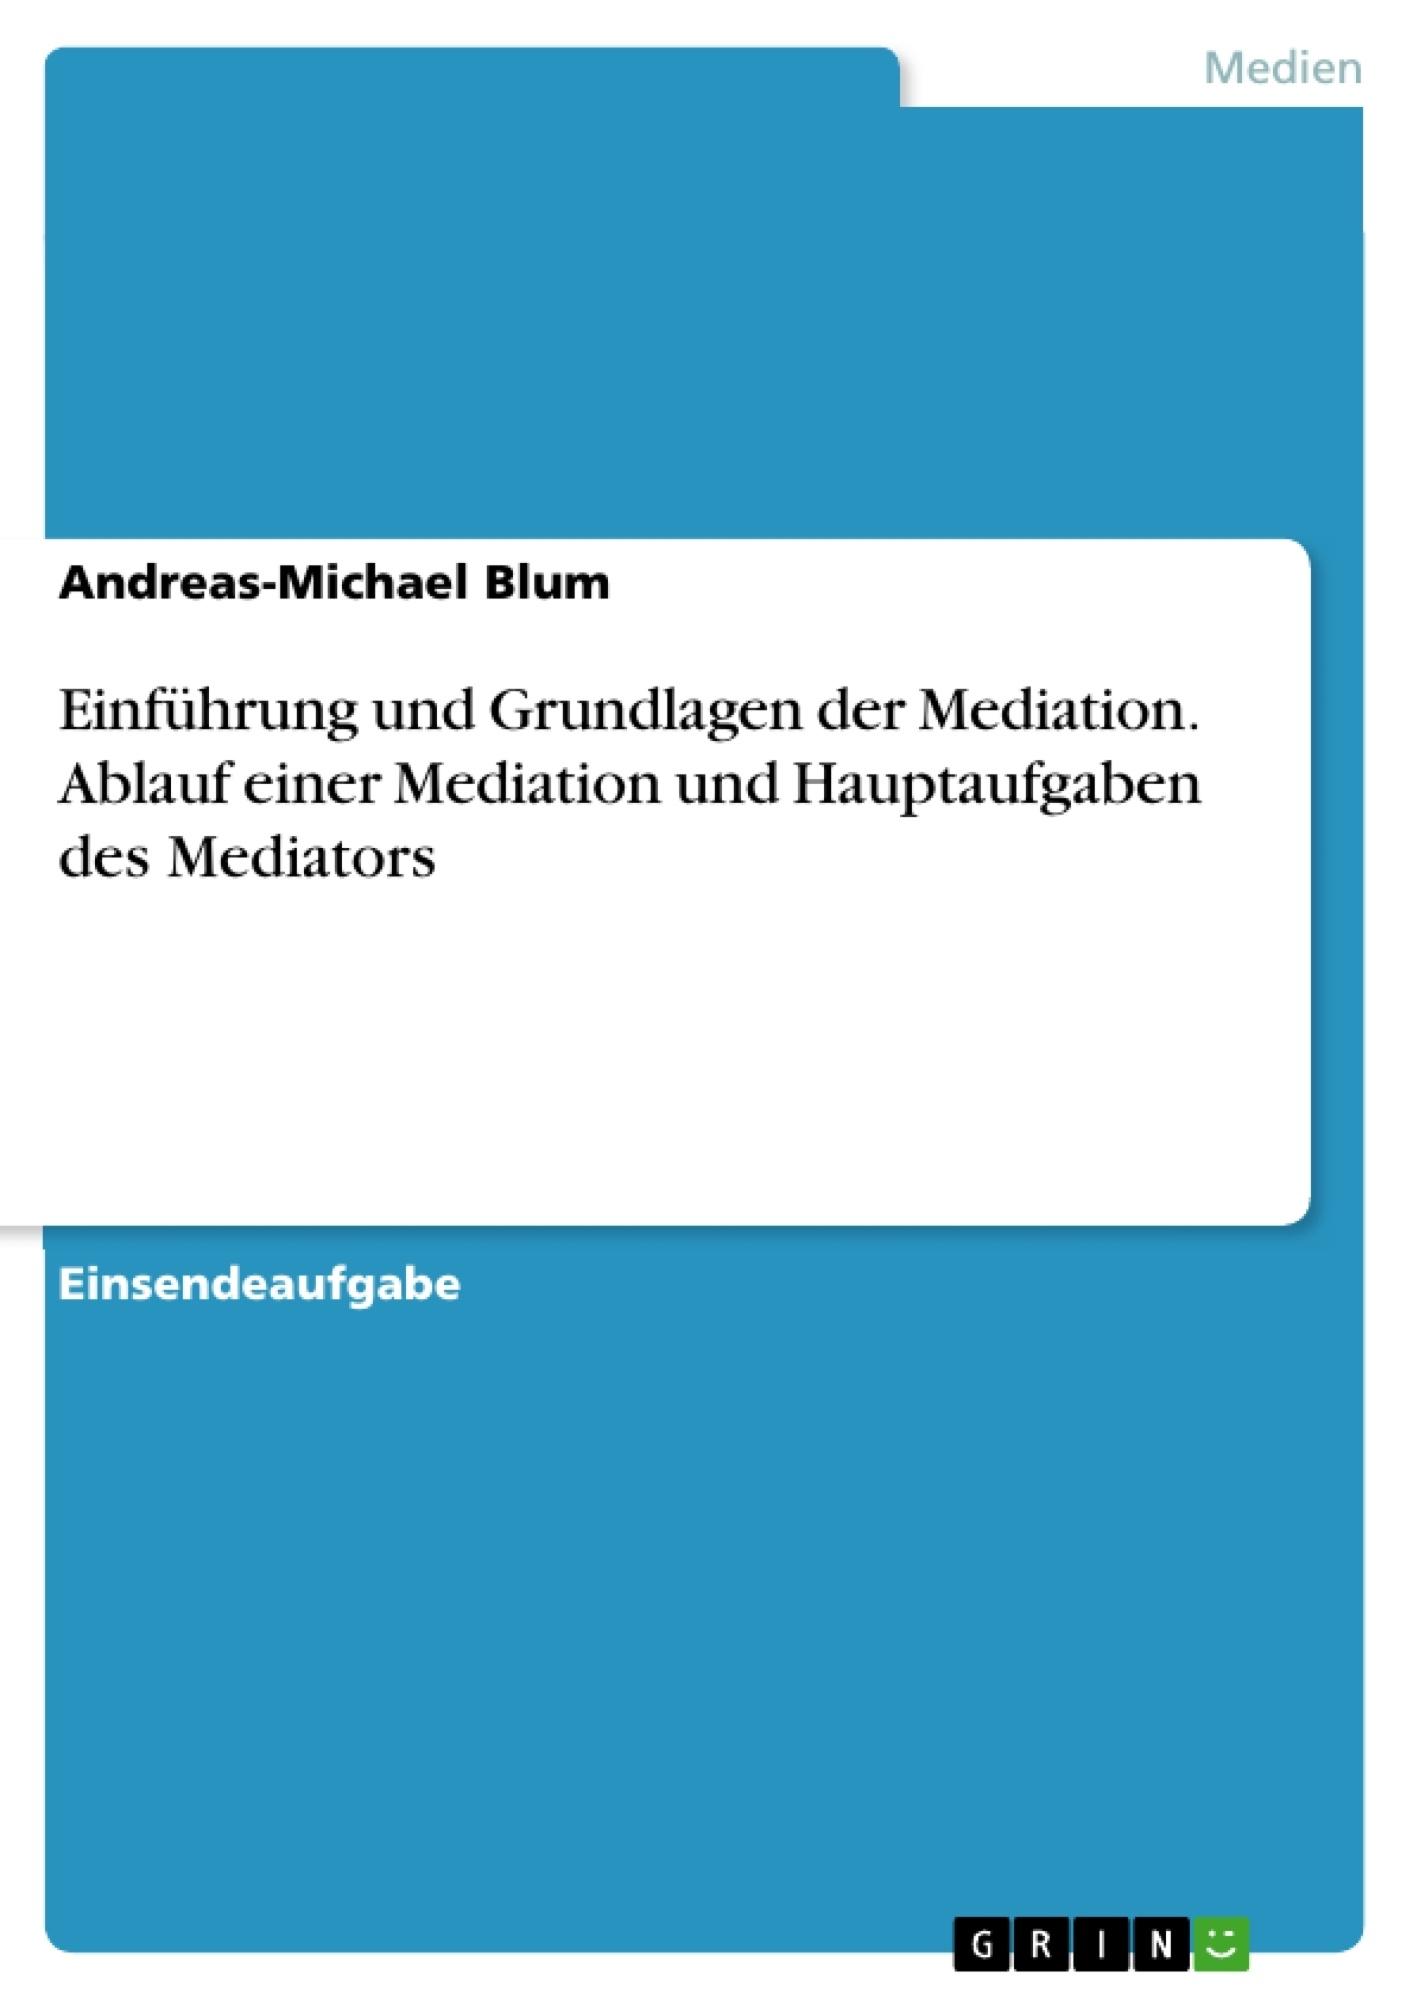 Titel: Einführung und Grundlagen der Mediation. Ablauf einer Mediation und Hauptaufgaben des Mediators